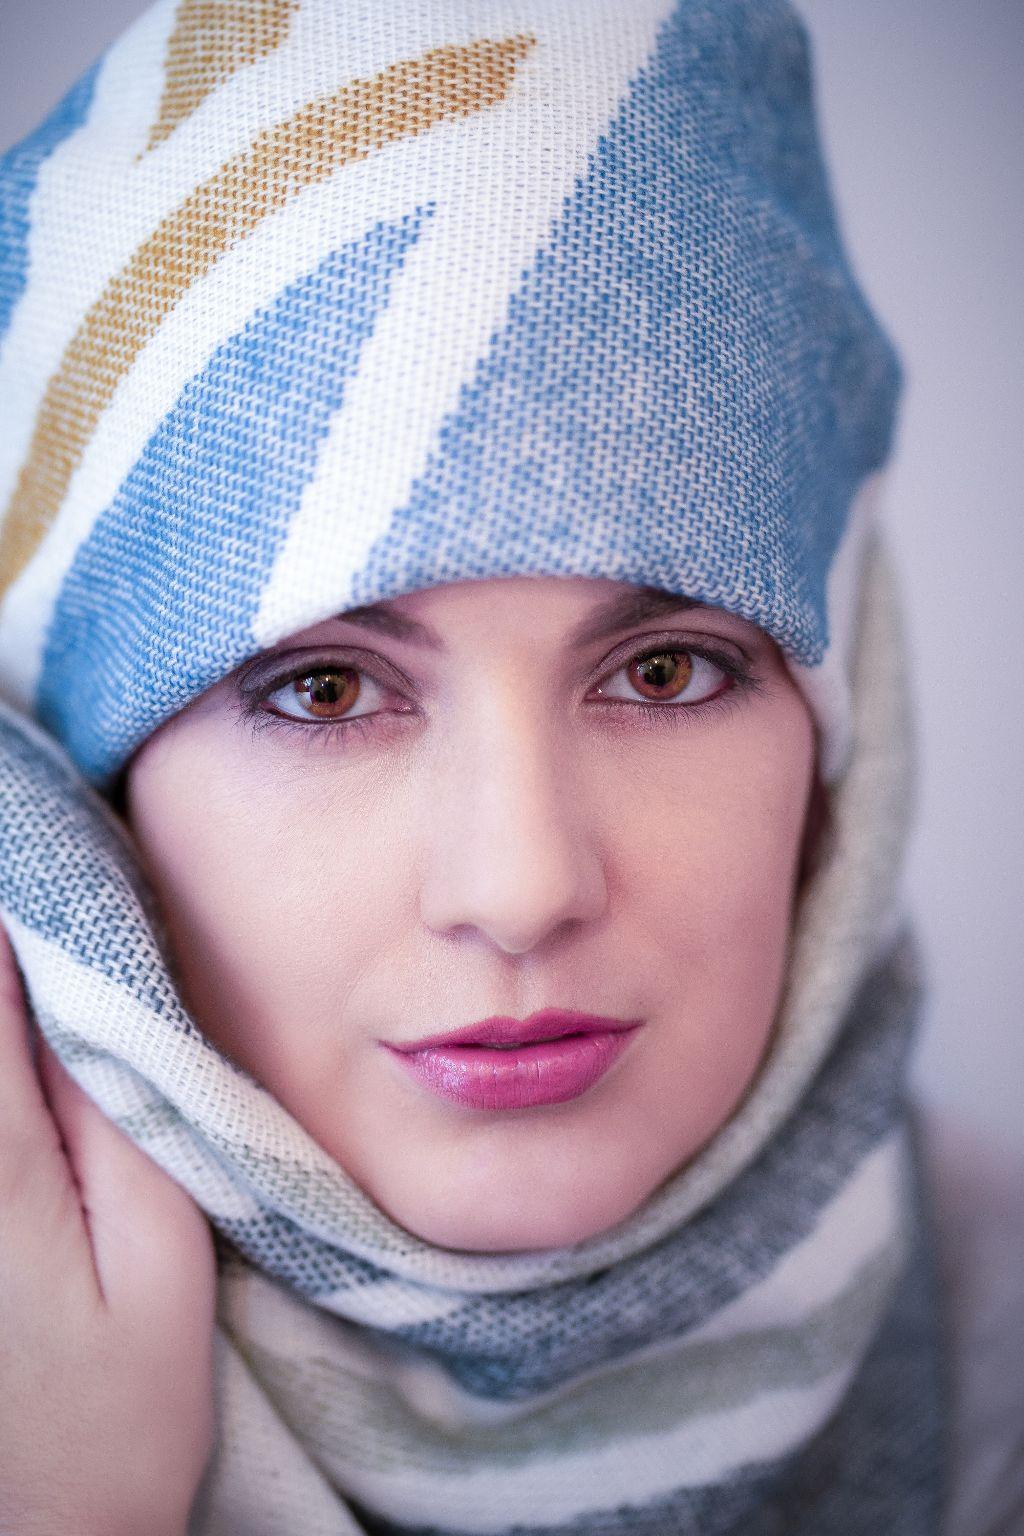 #Retrato impactante de la #belleza #española. Cámara #sony a7 iii con flash #godox. #Fotografía de #estudio y retoque en #Photoshop.  #photooftheday #photo #photografer #photography #woman #girl #model #modeling #modelface #facebeauty #beauty #muse #pose #posing #beautifulgirls #beautiful #spain #alicante #fotografoalicante #fashion #portrait #eyes